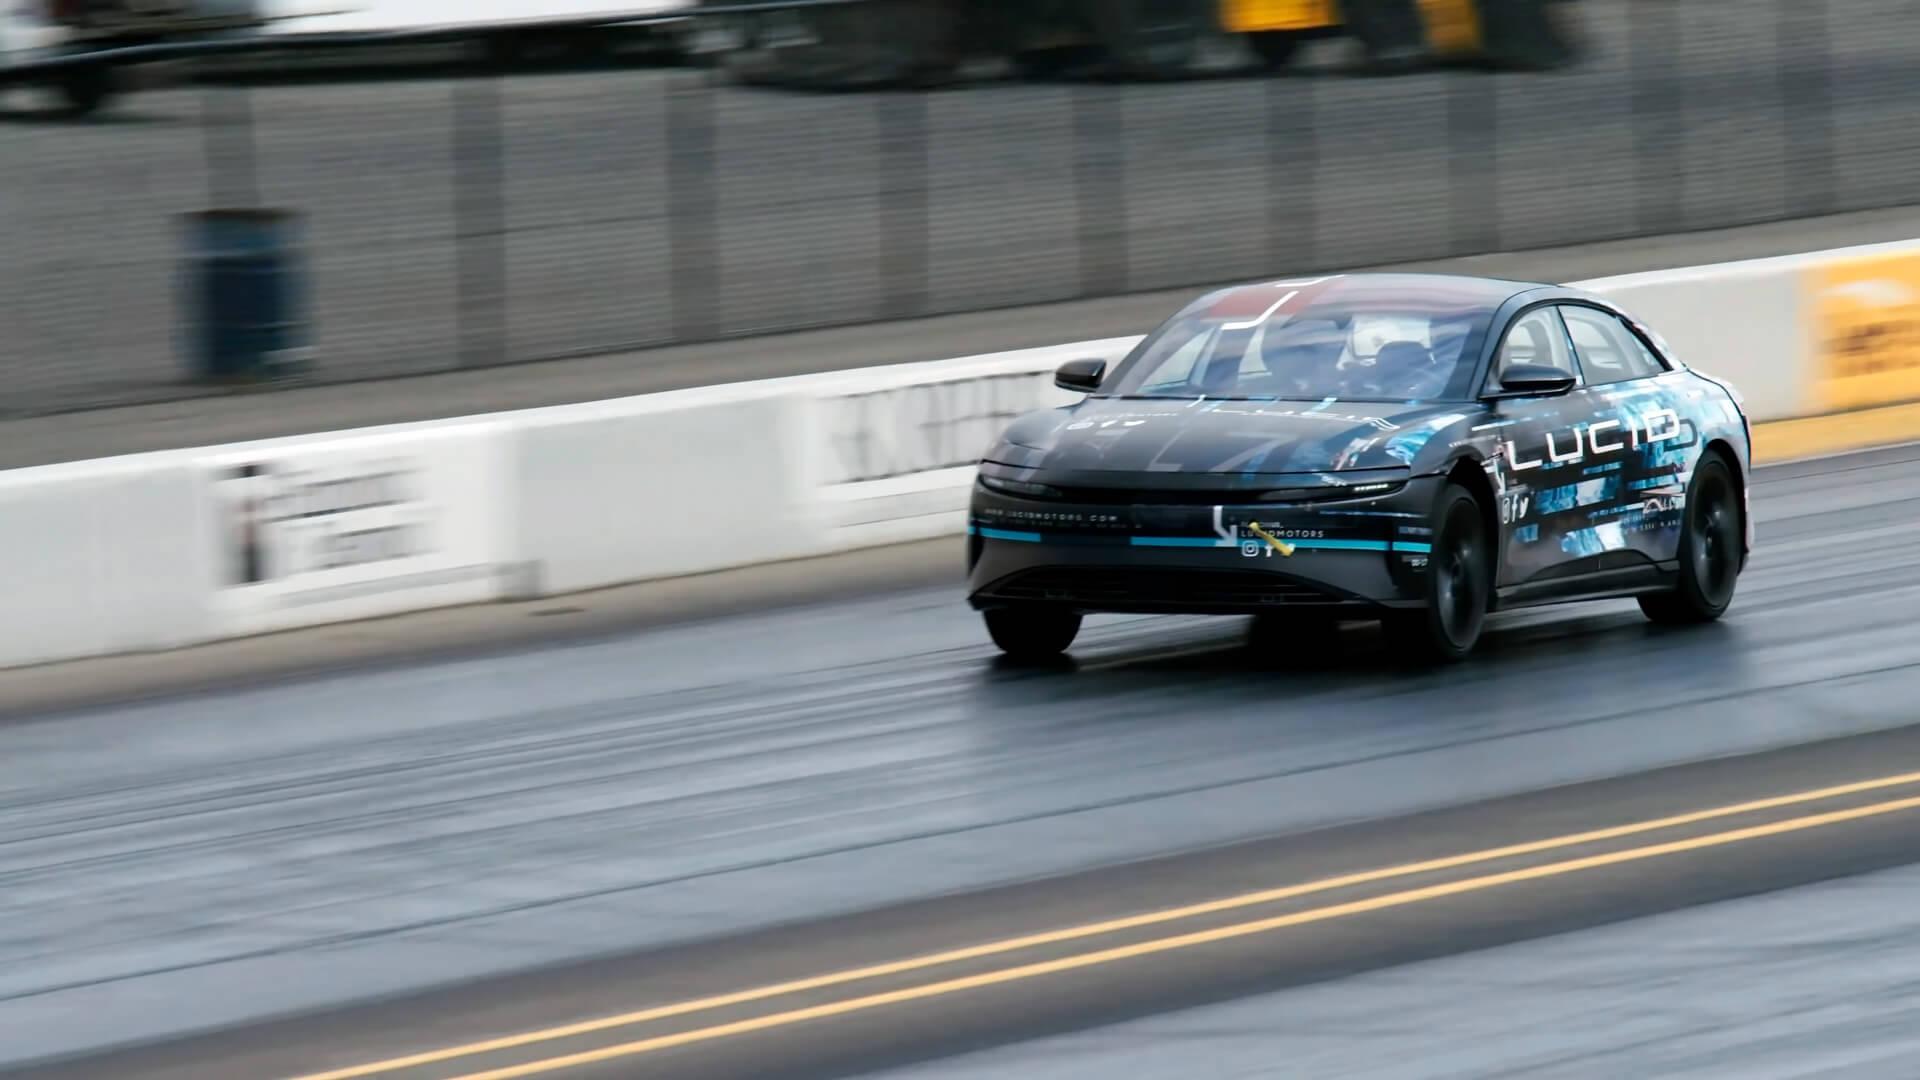 Lucid Air победил Tesla Model S в драг-рейсинге